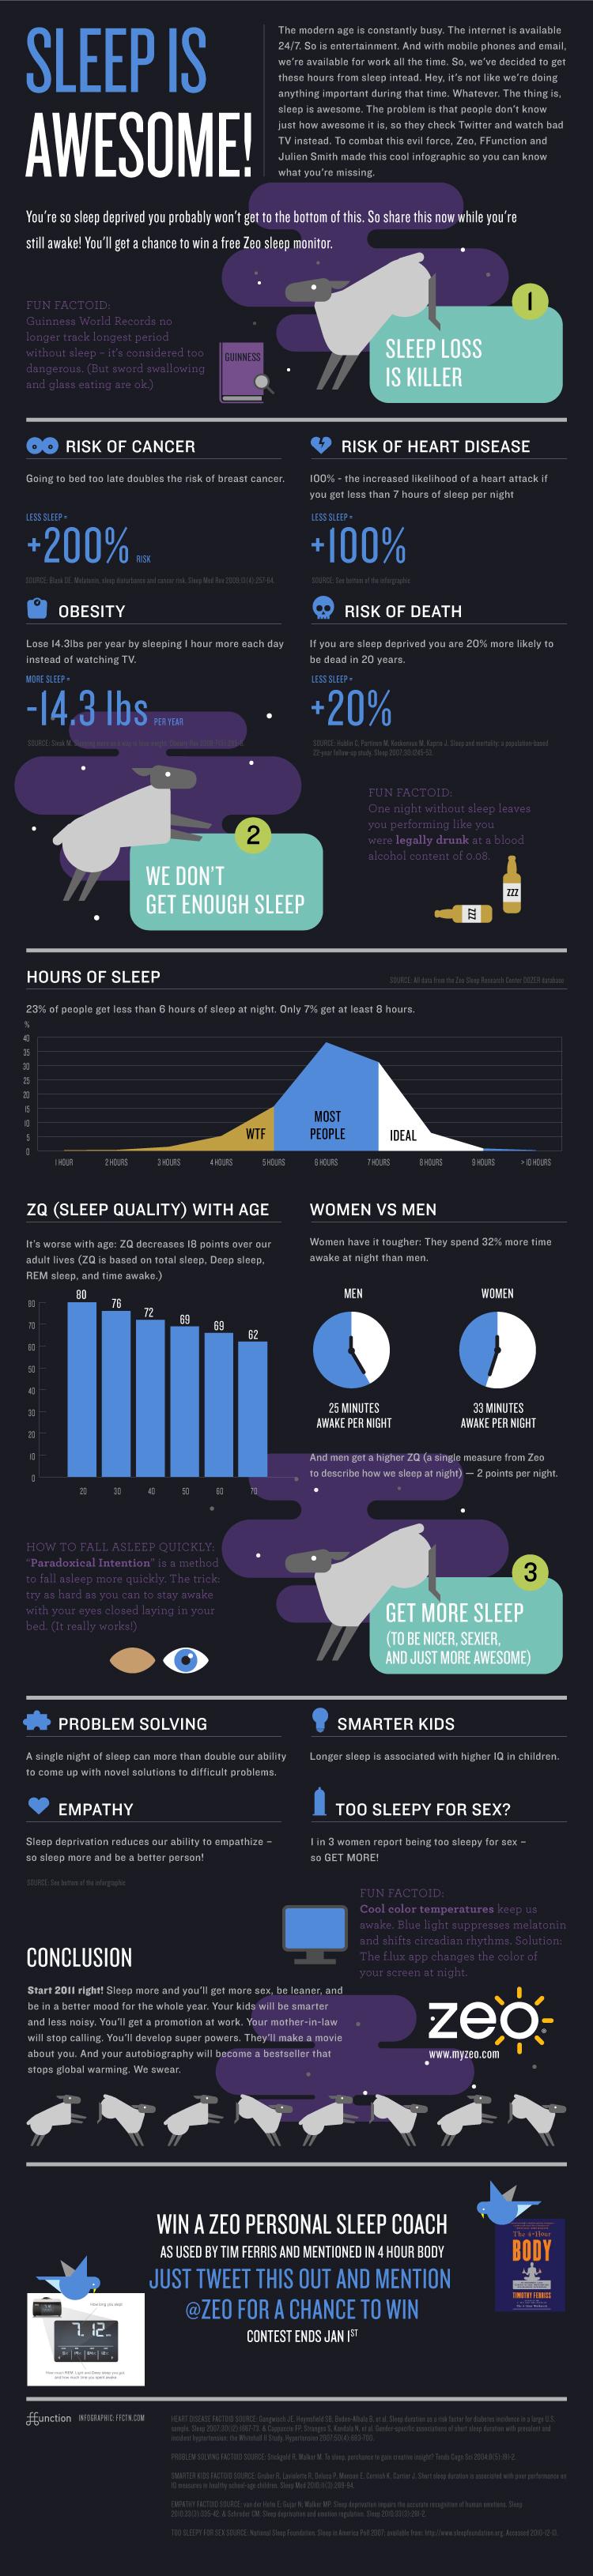 zeo-sleep-infographic